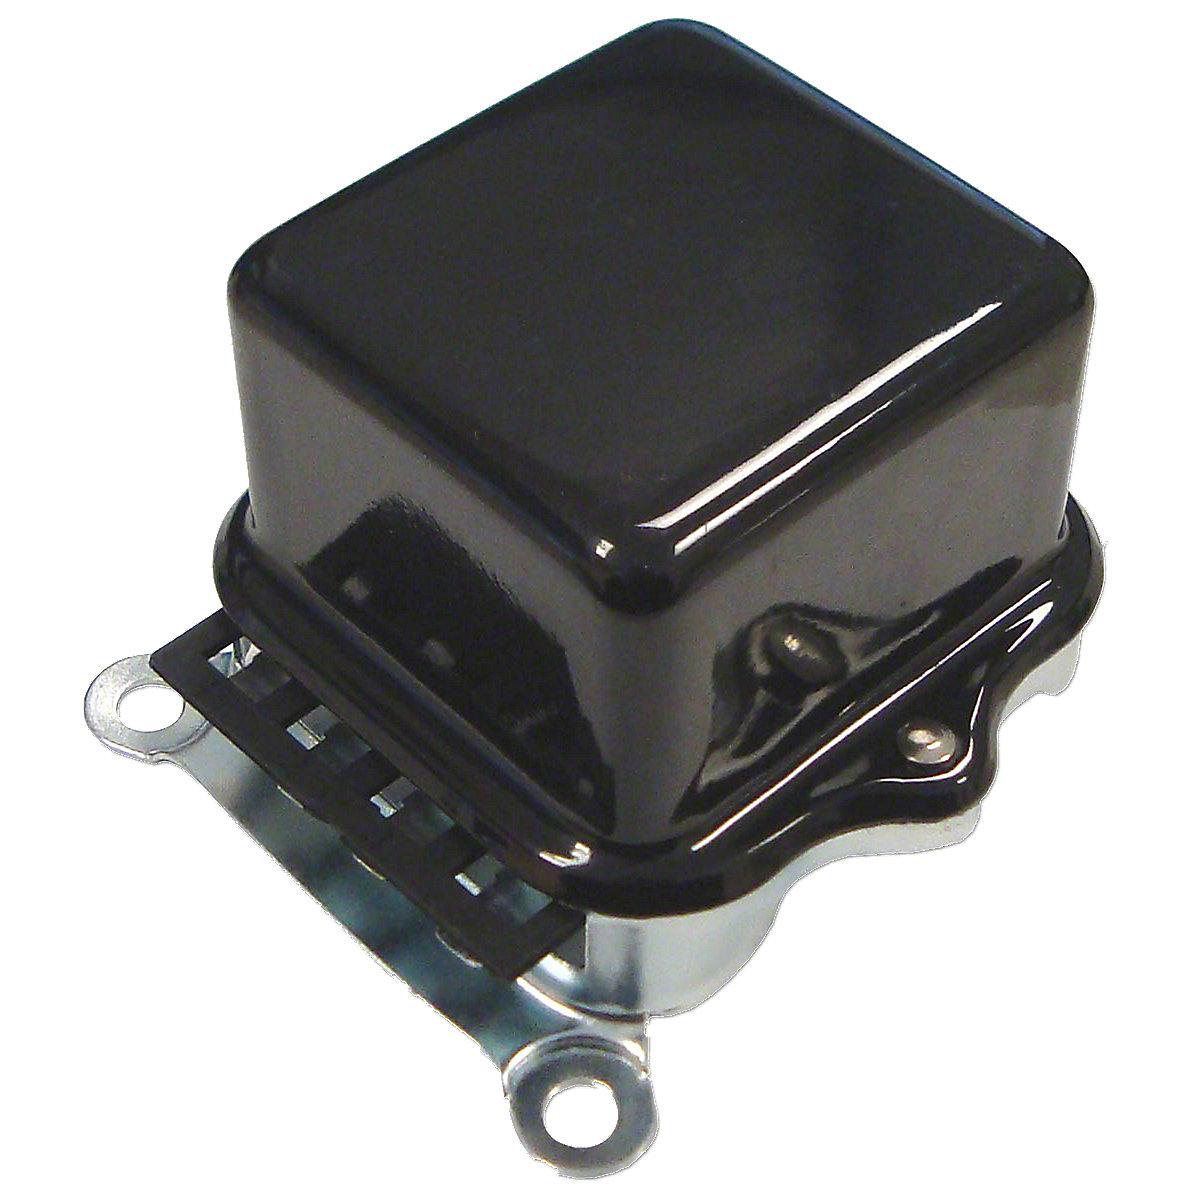 Allis Chalmers Ca  Volt Wiring Diagram Wd  Allis Chalmers - 12 volt wiring diagram old tractor